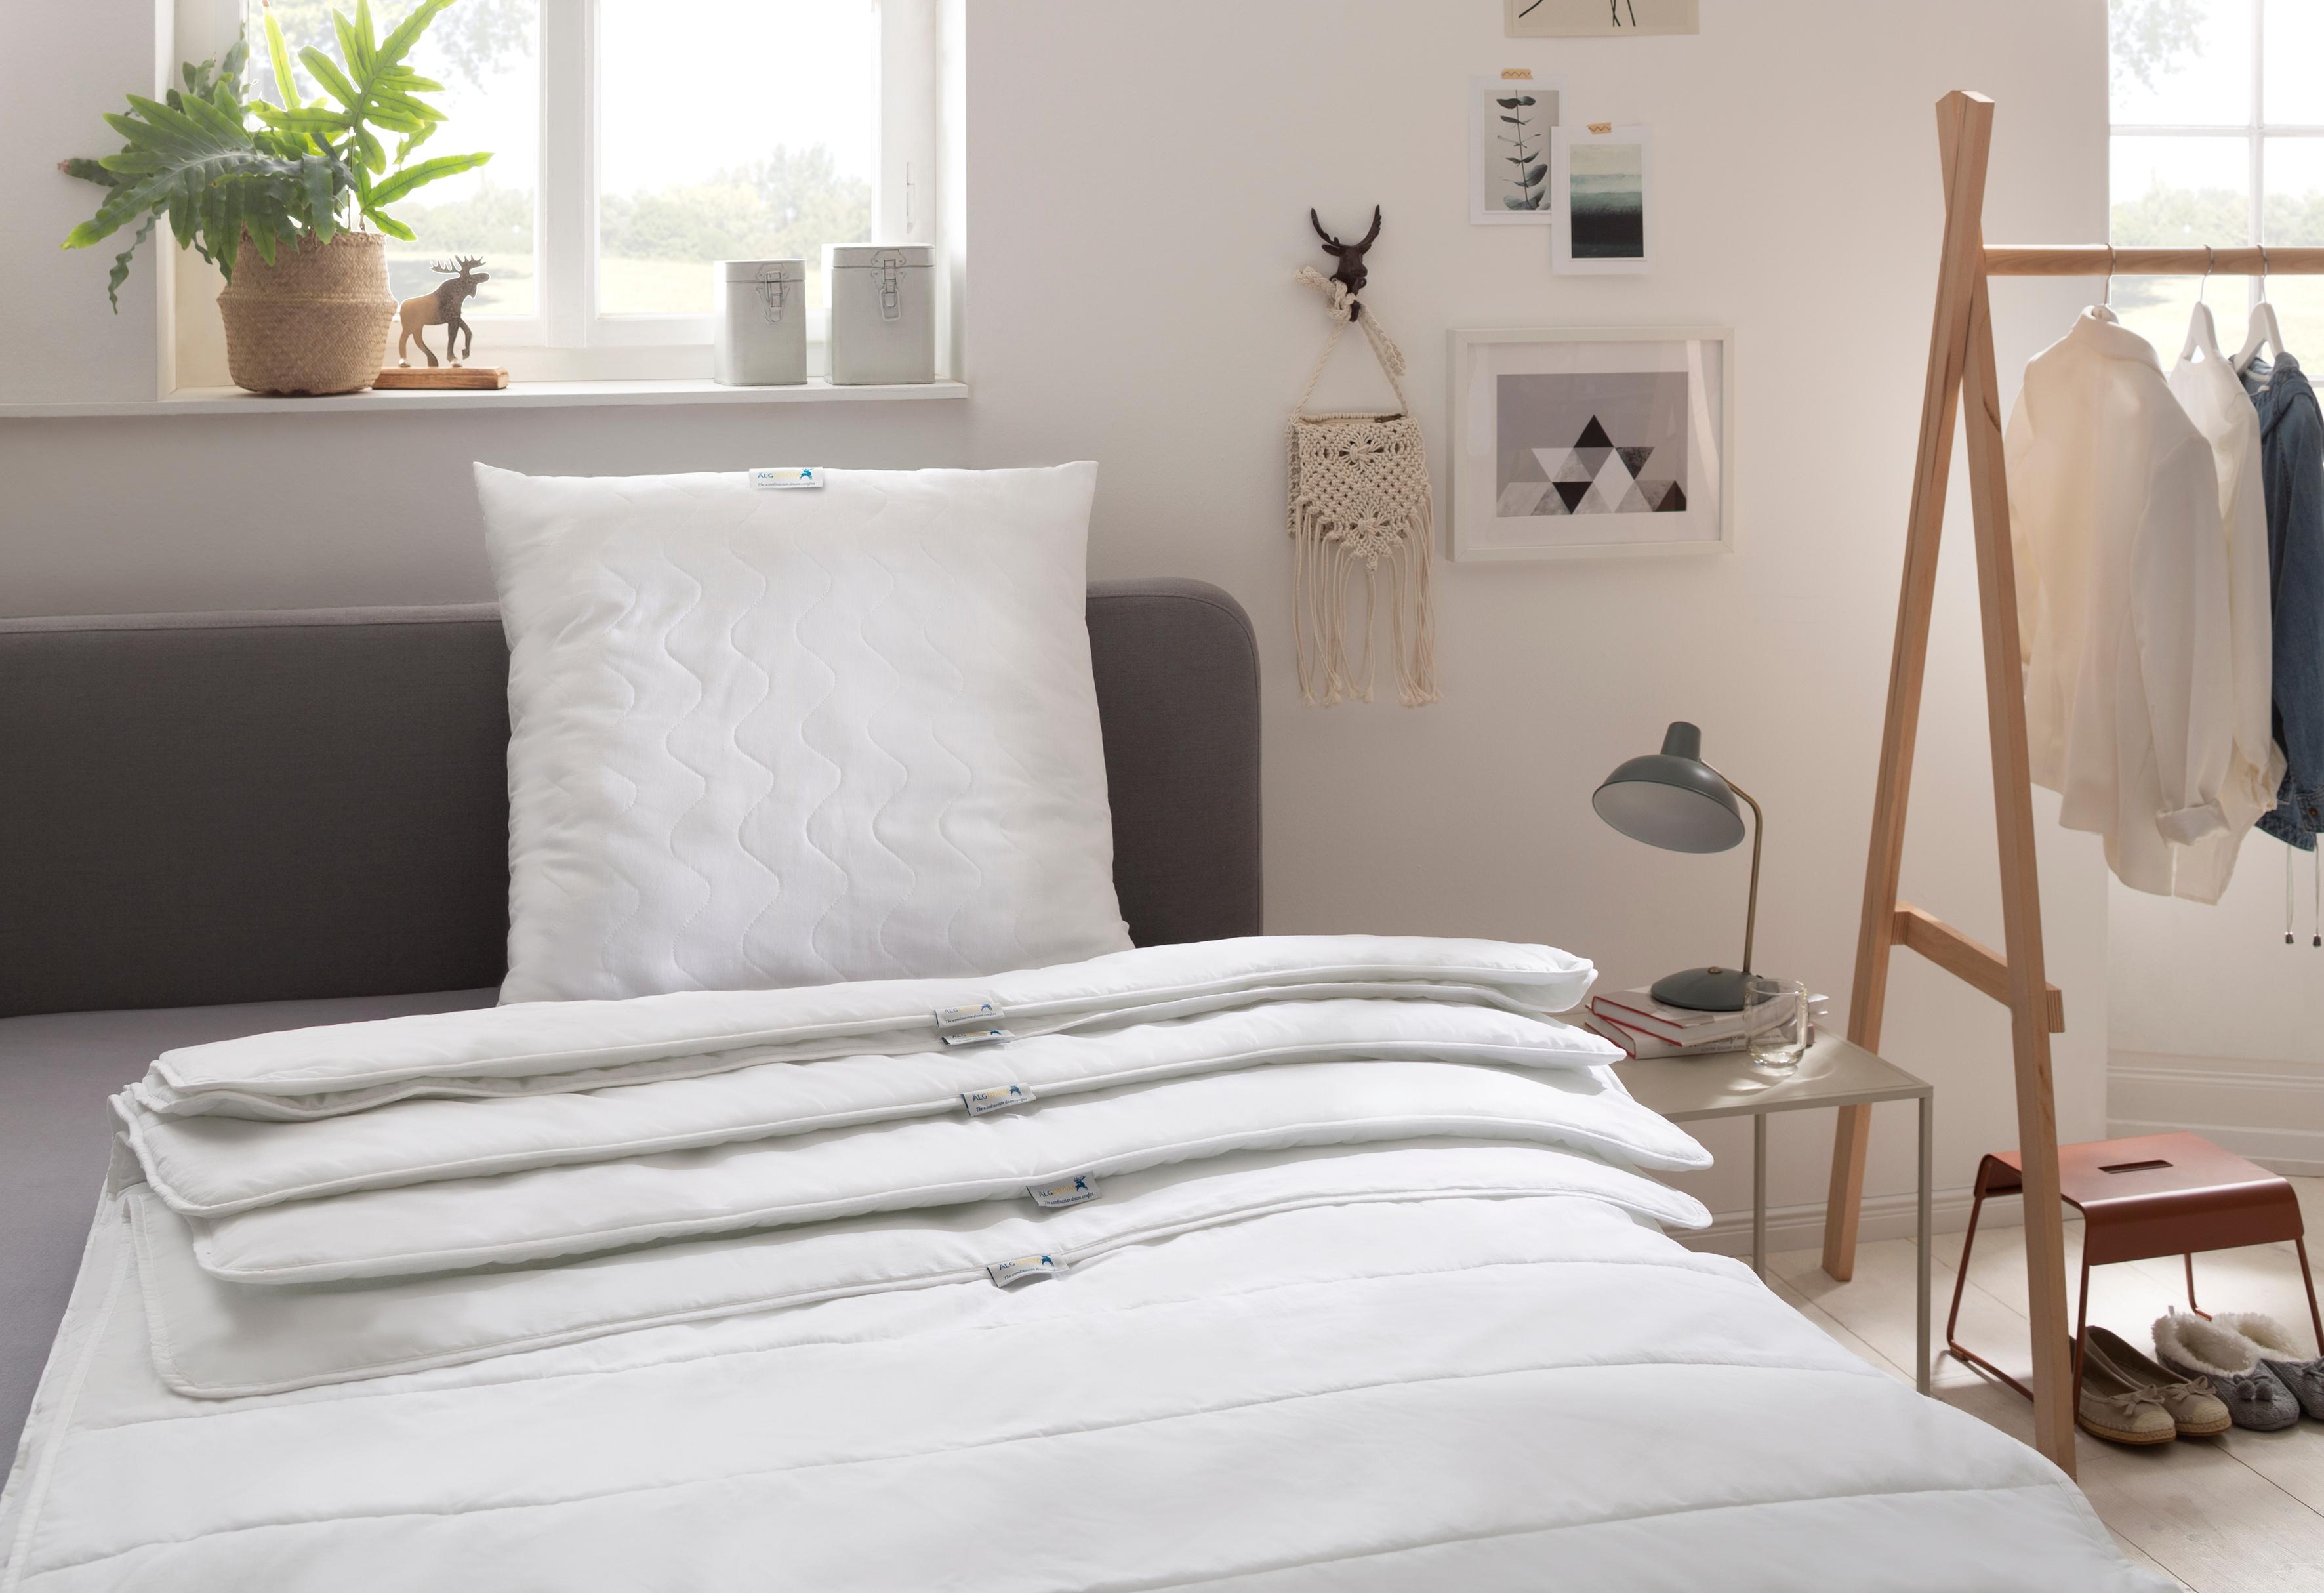 Image of Älgdröm Kunstfaserbettdecke »Nisser«, warm, Füllung Polyesterfaser, Bezug 100% Polyester, (1 St.), mit hervorragendem Wärmeverhalten